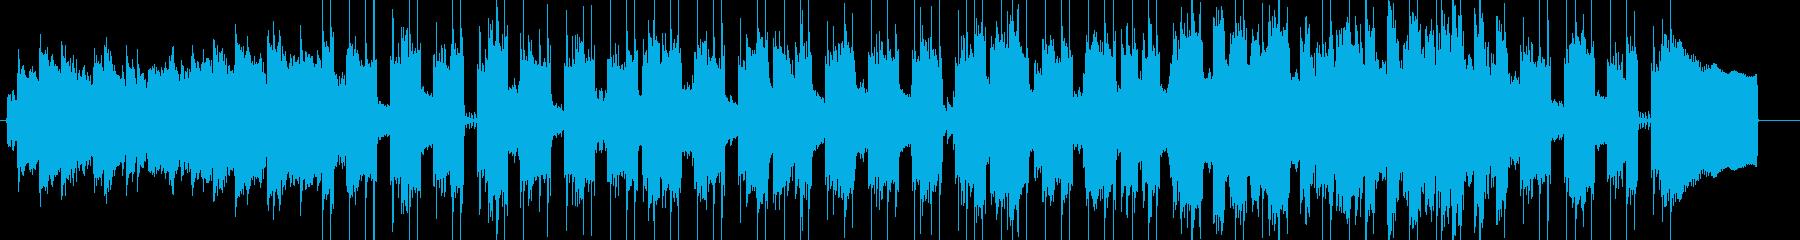 ゆったり和風スムーズジャズの再生済みの波形